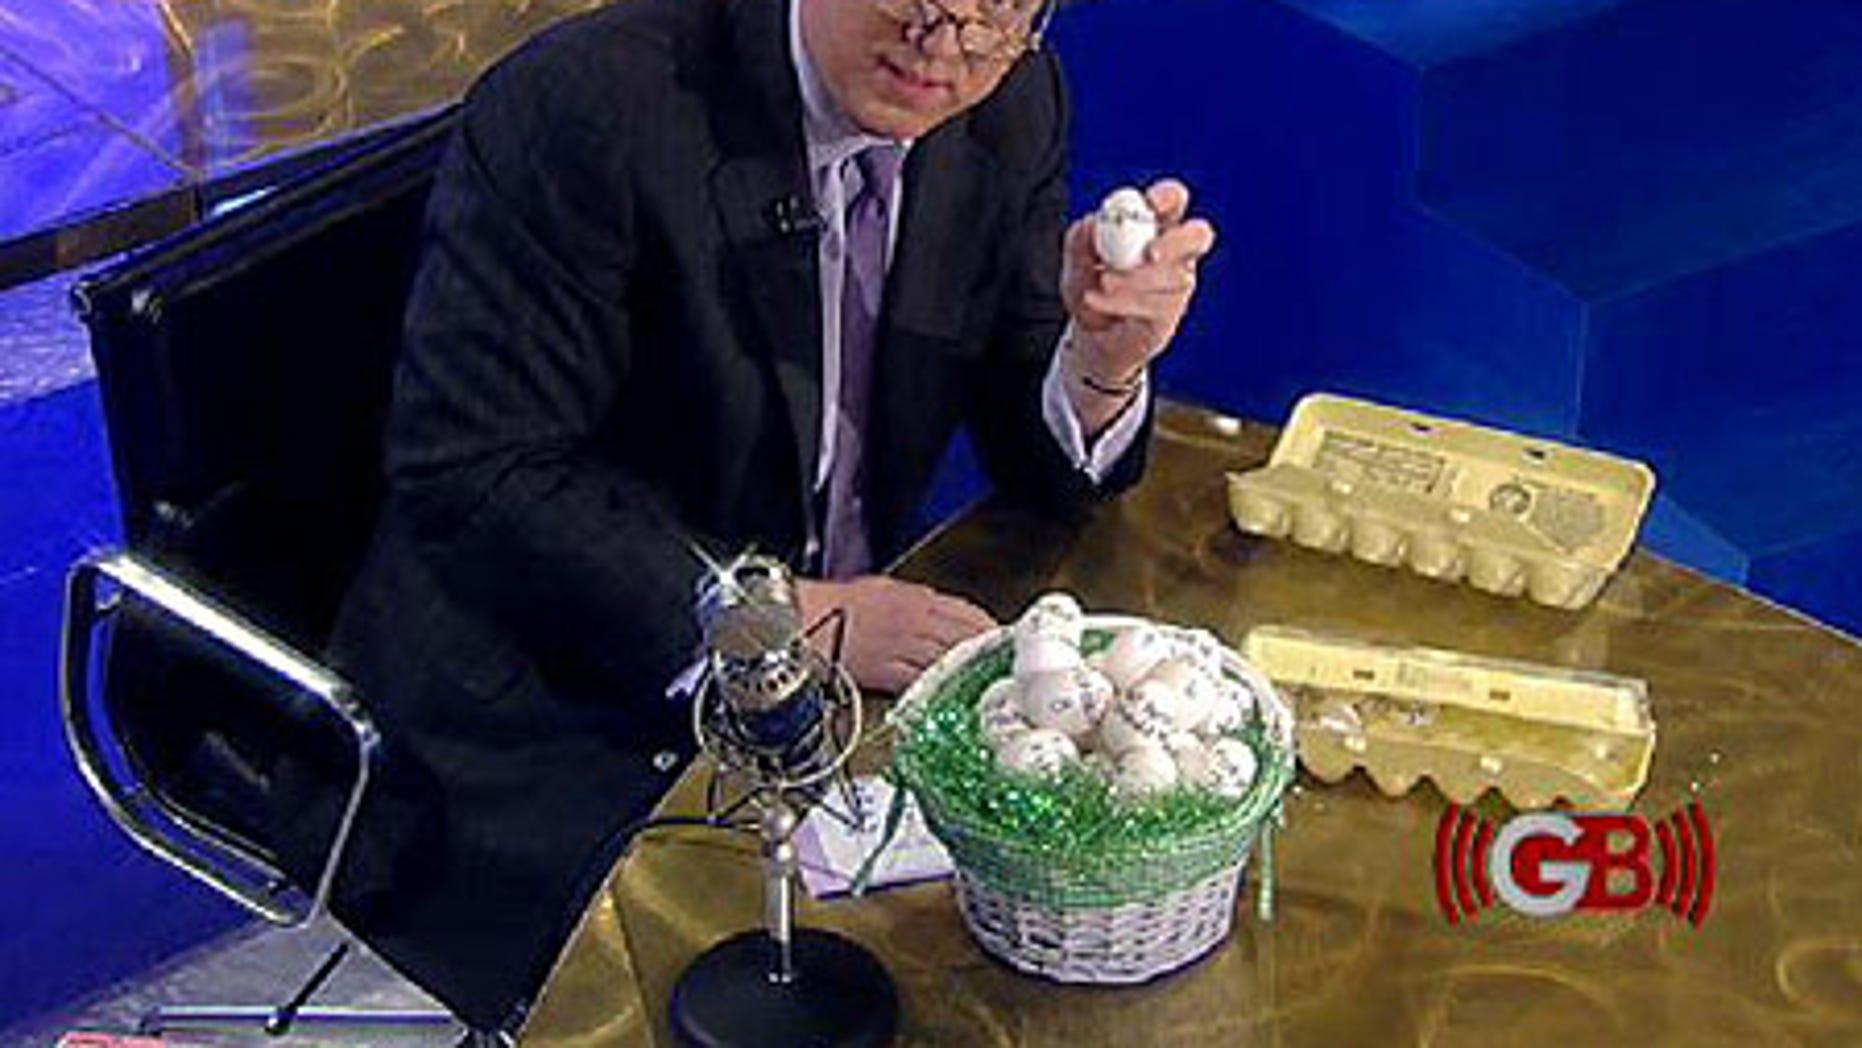 Glenn's eggs-cellent demonstration